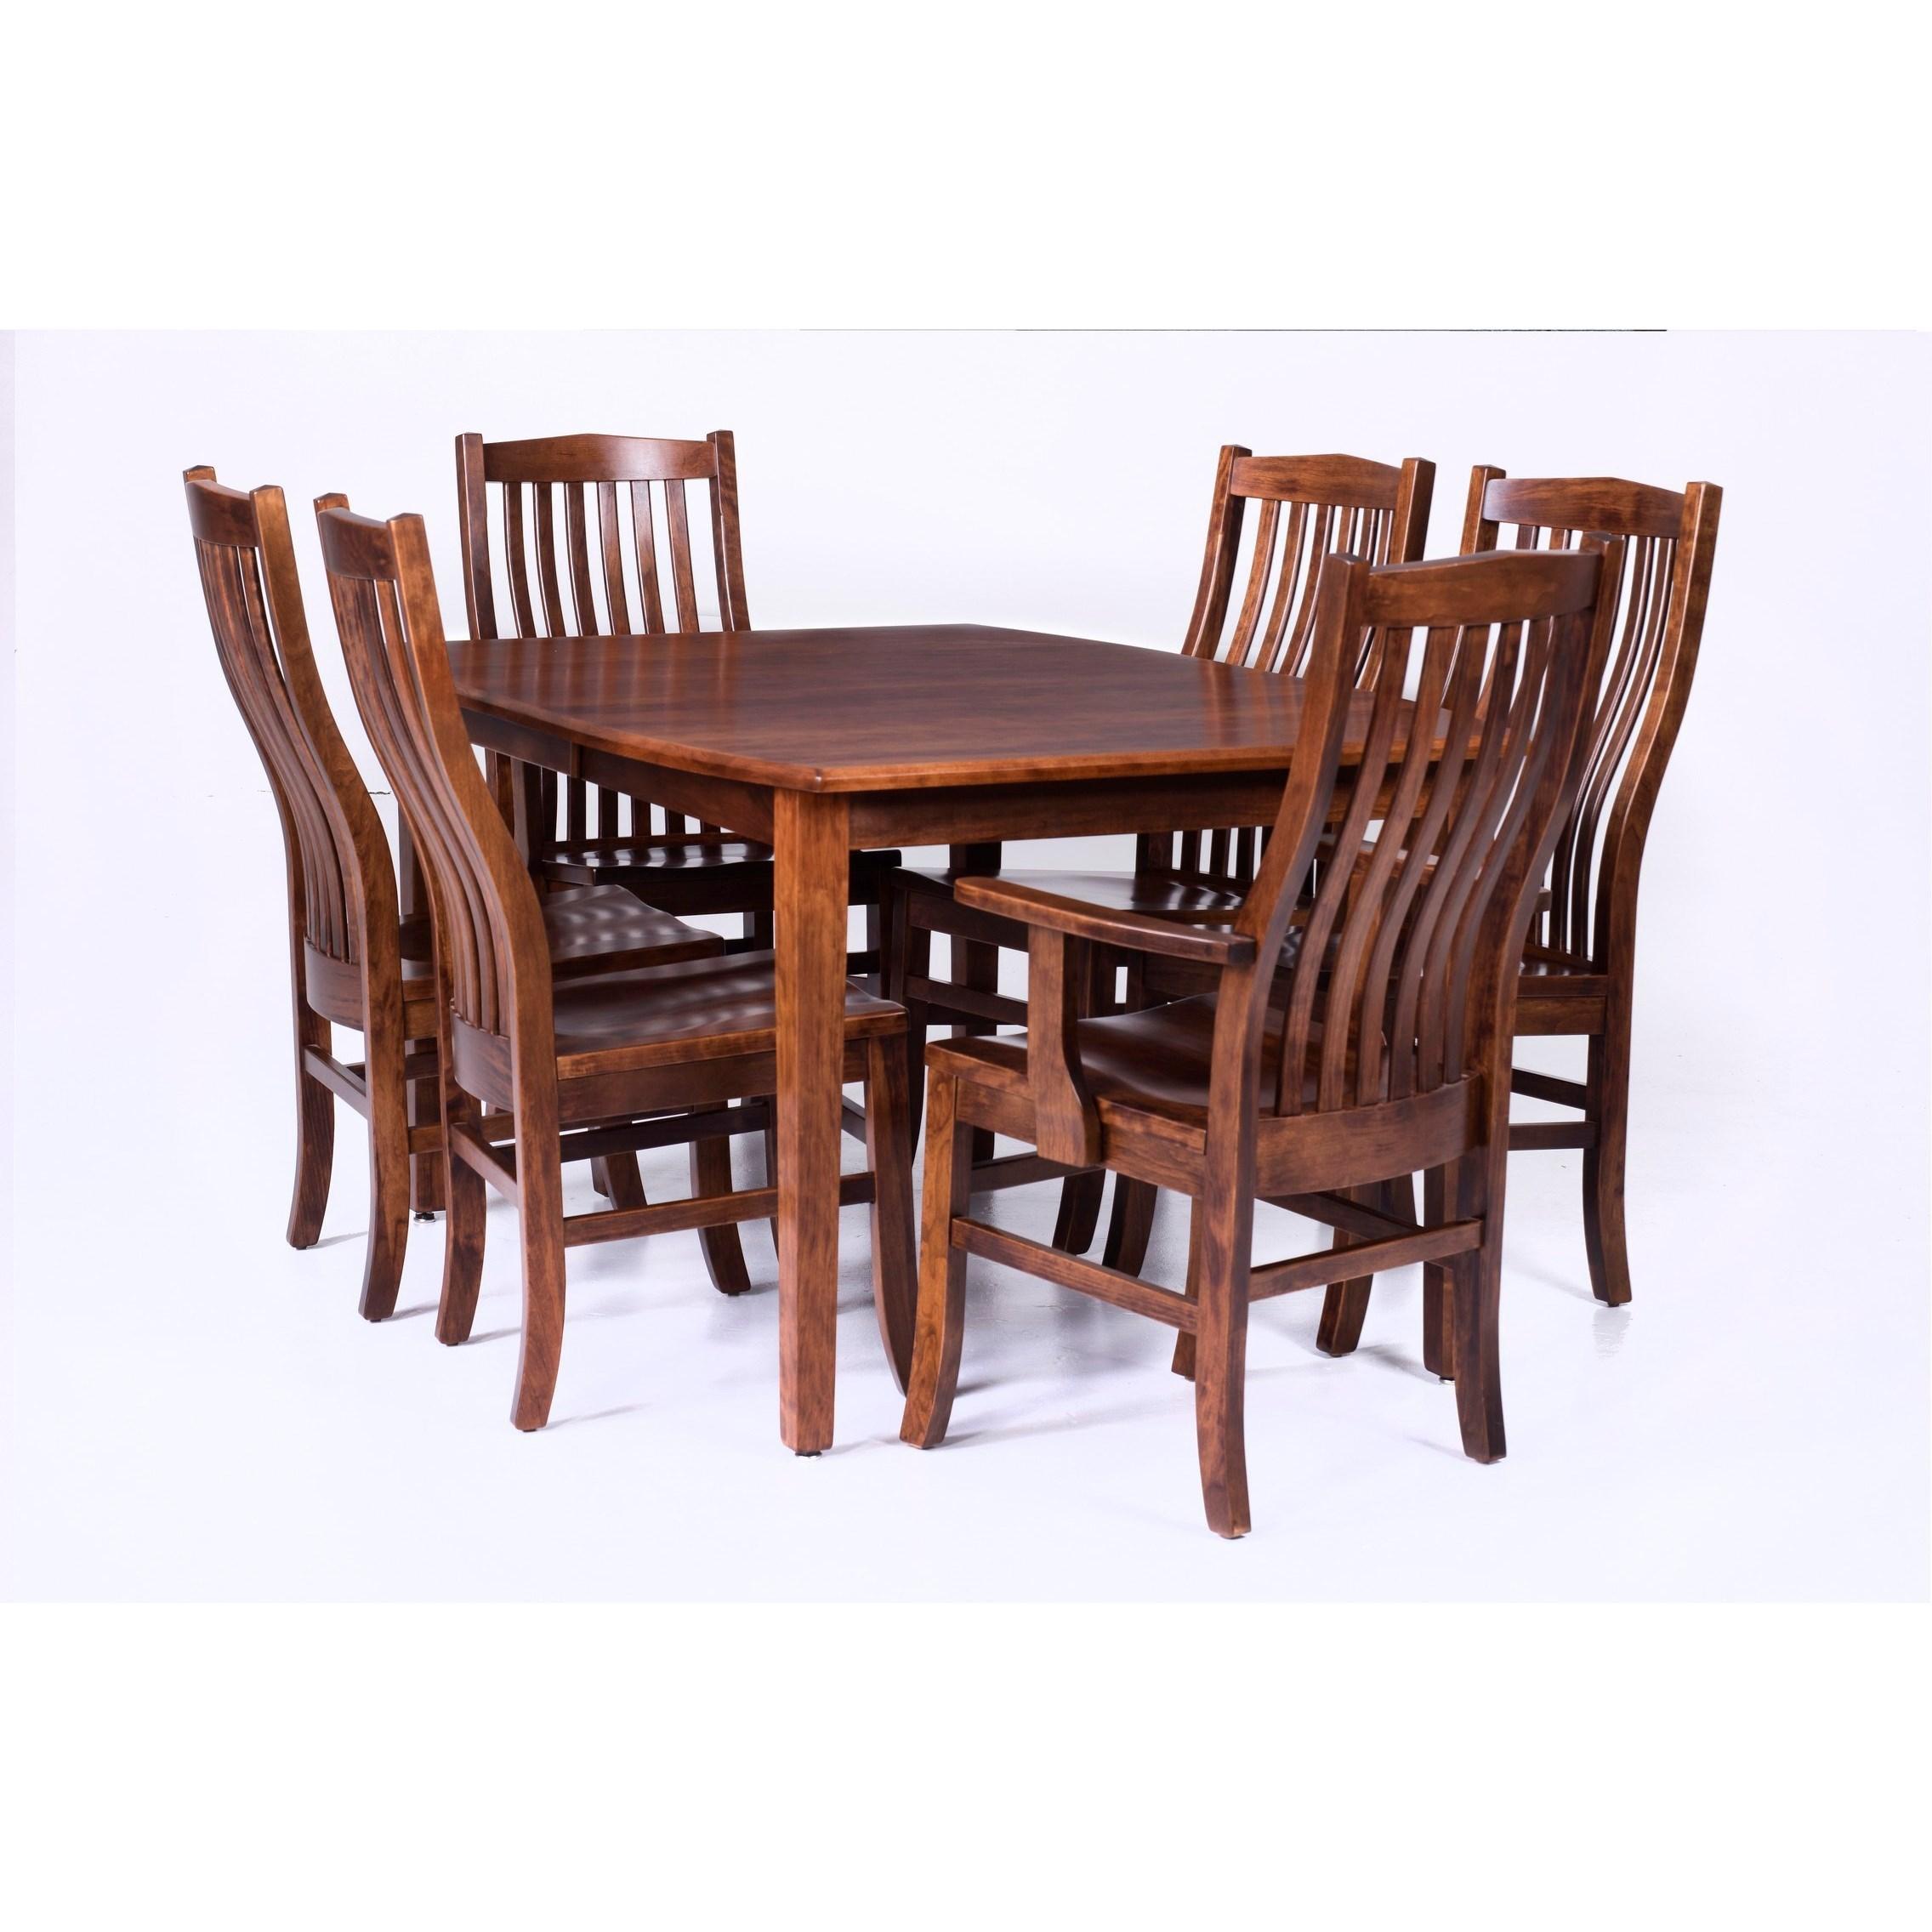 Customizable 7 Piece Table Set